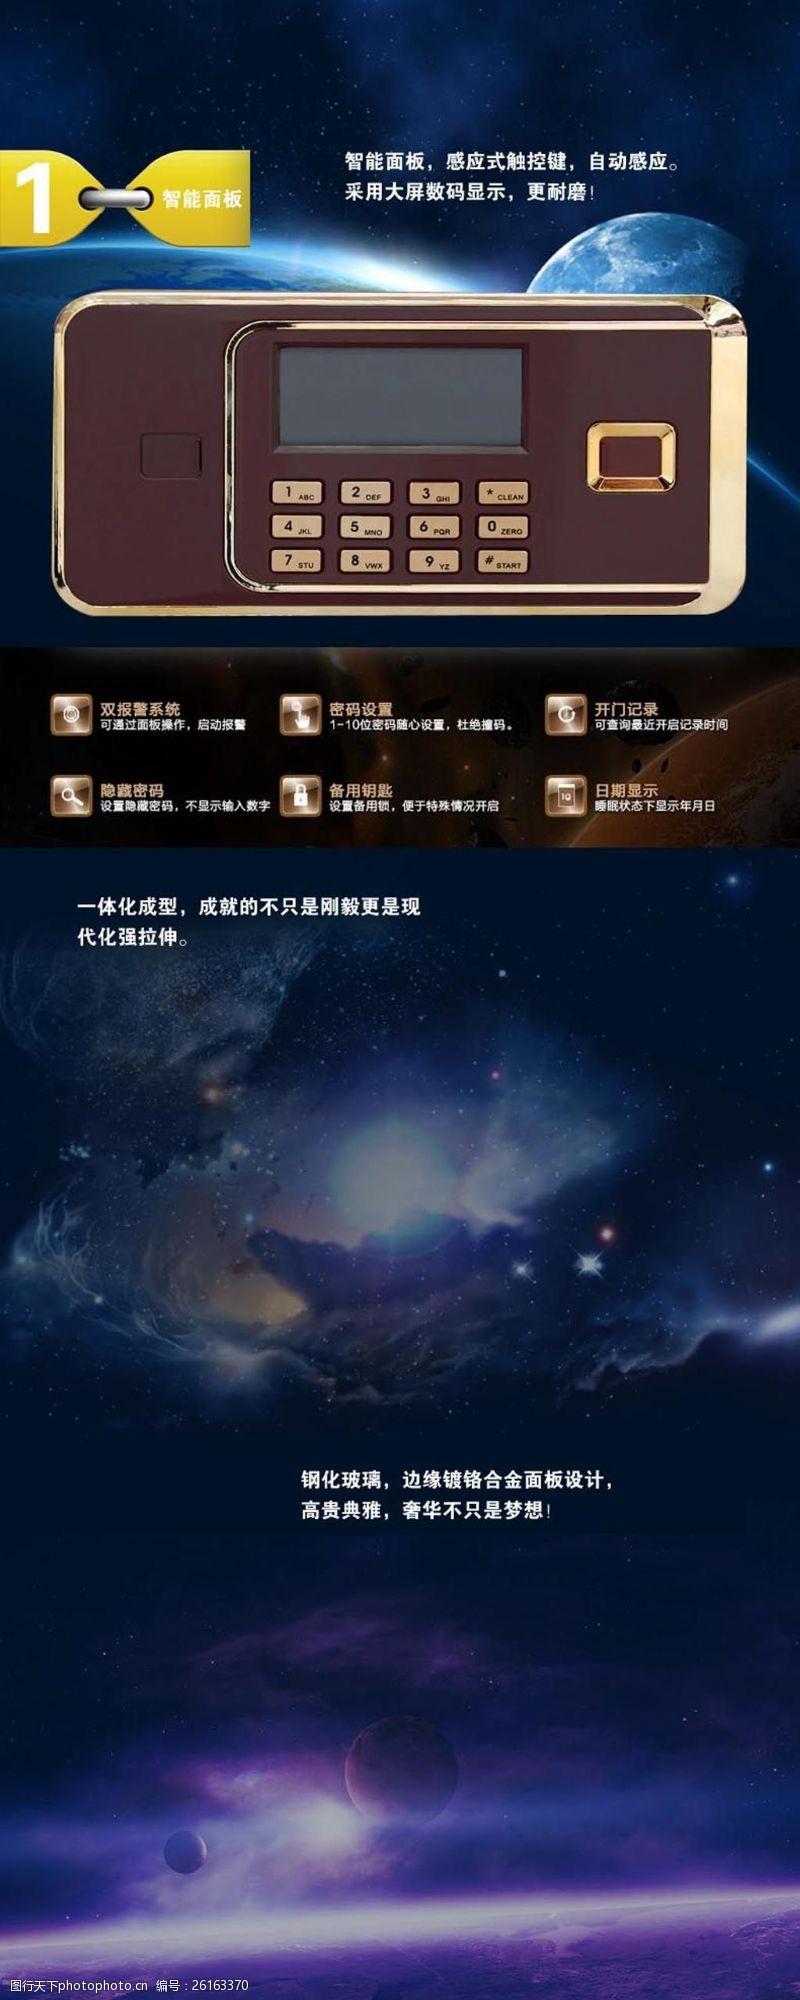 飞盾保险柜详情页图片